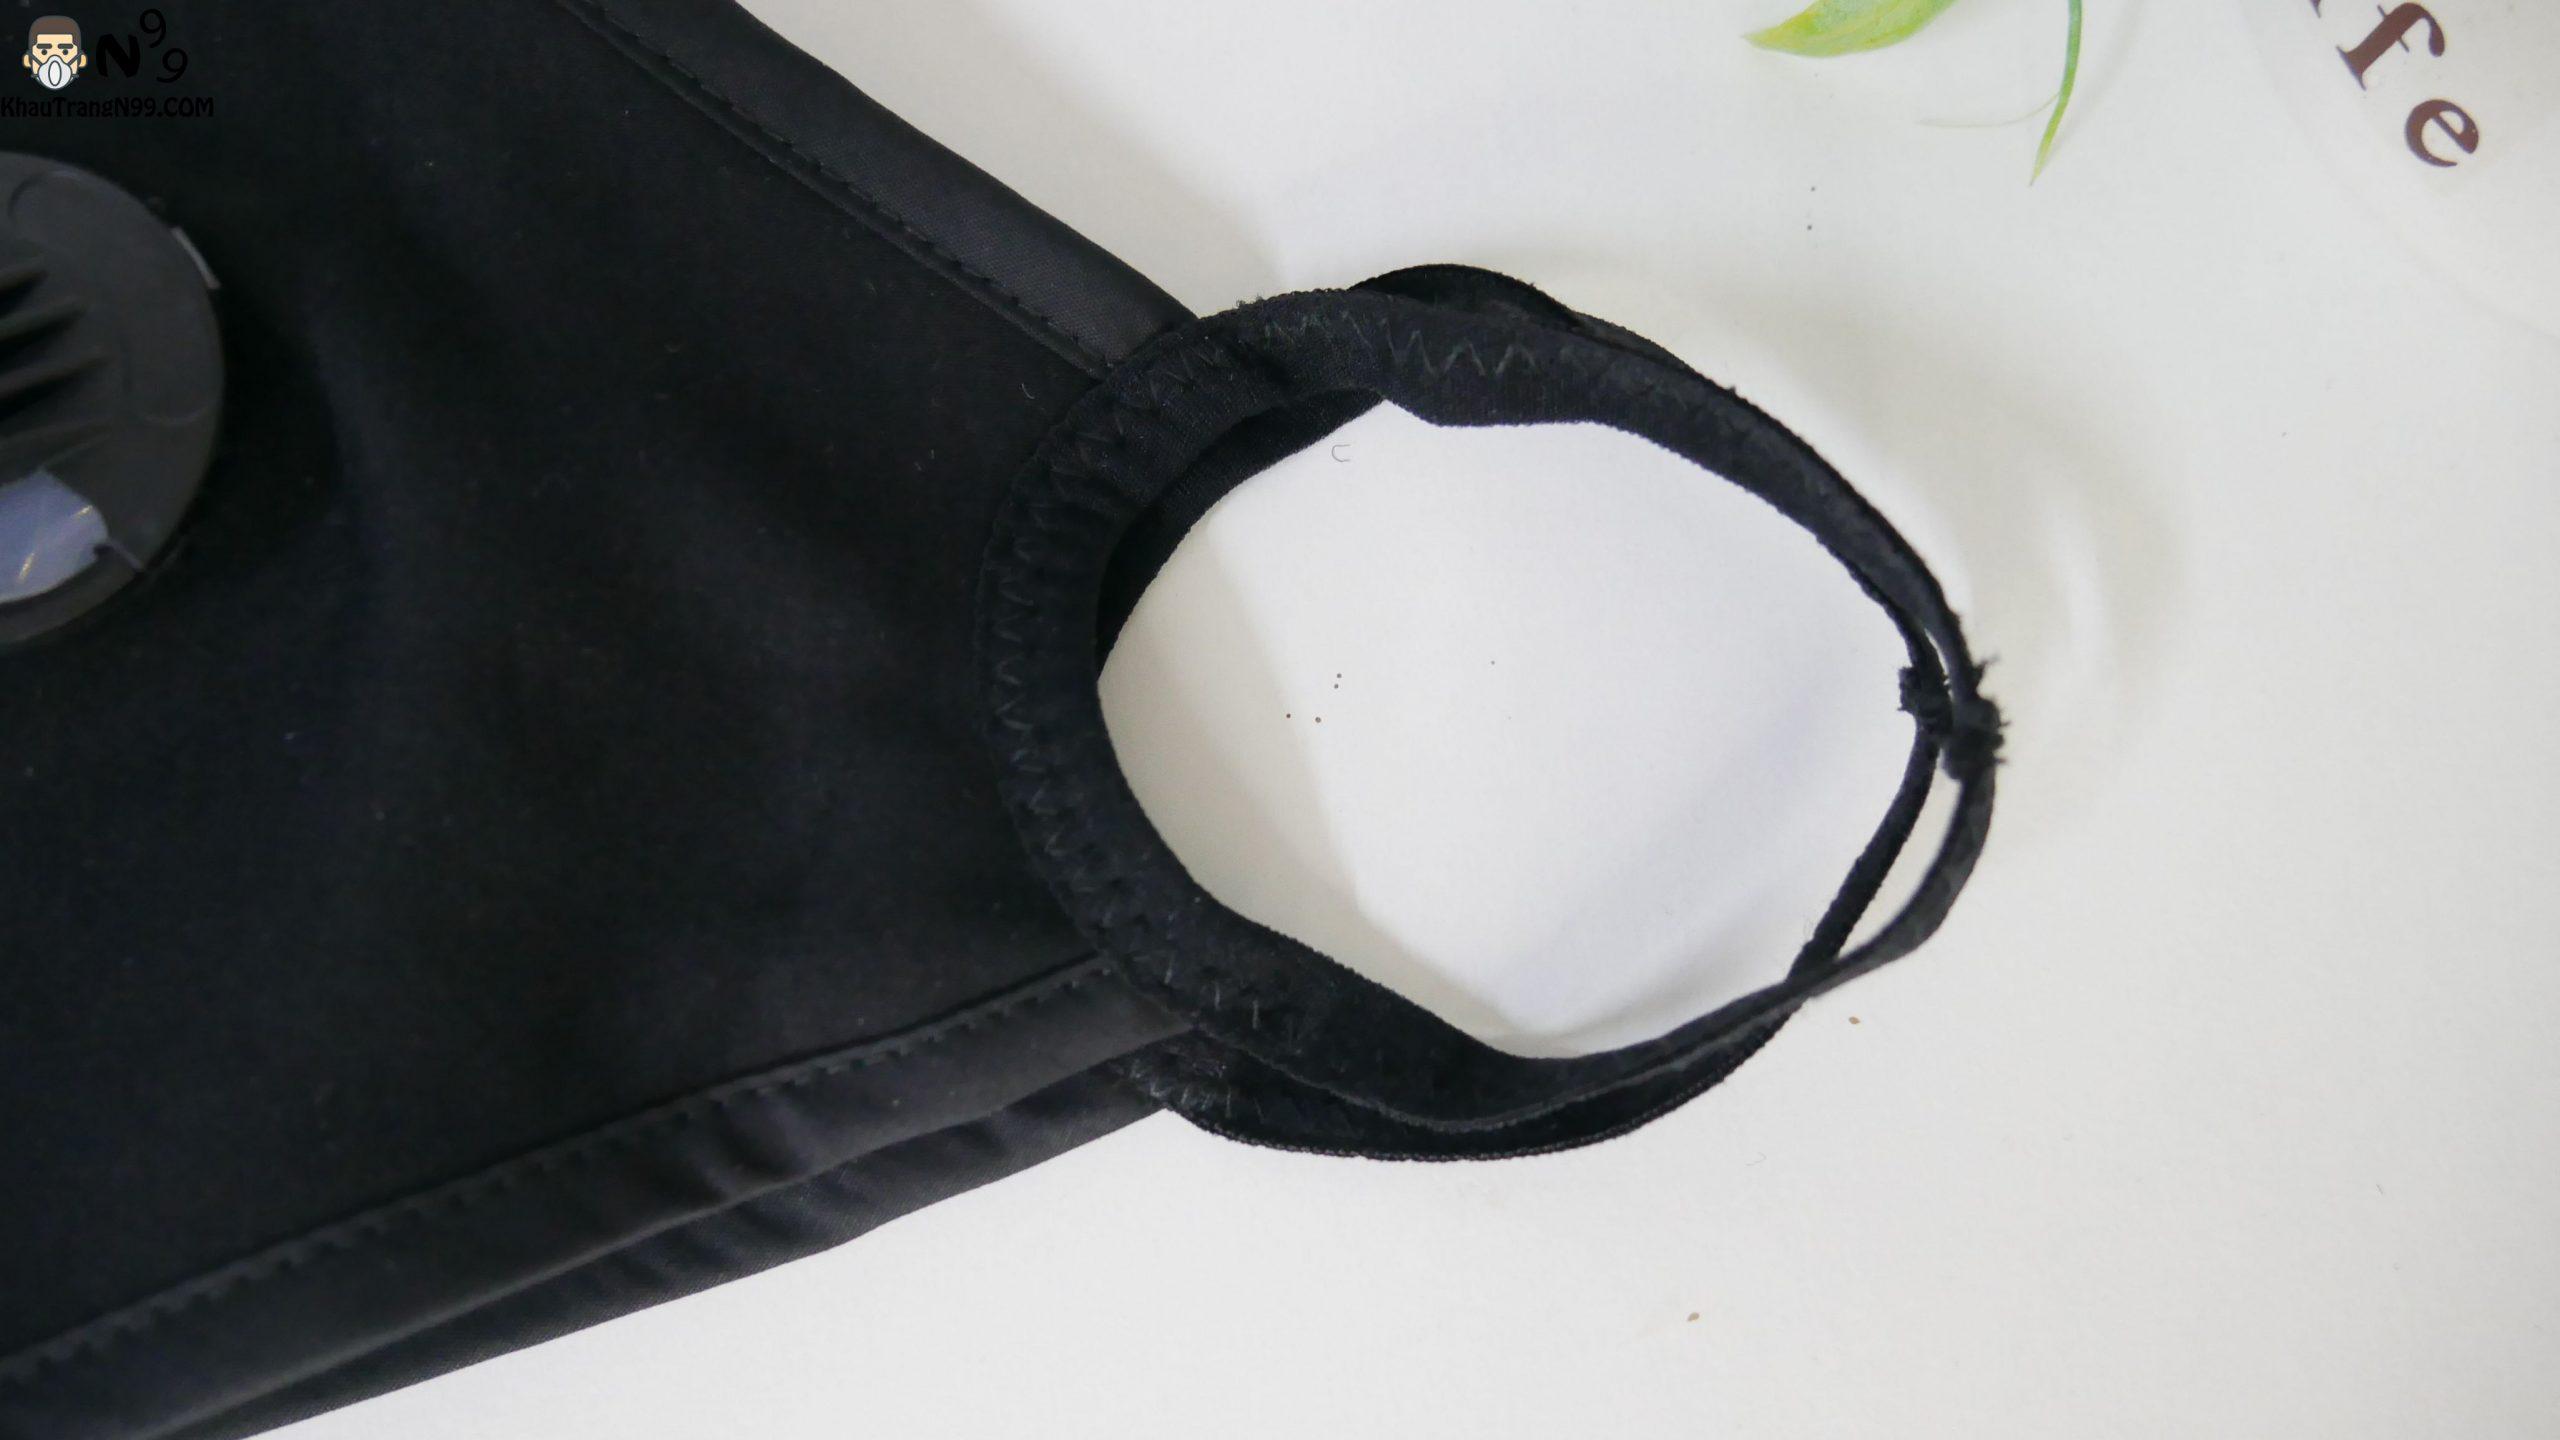 Khẩu trang vải cao cấp 2 van thở - Black (3)